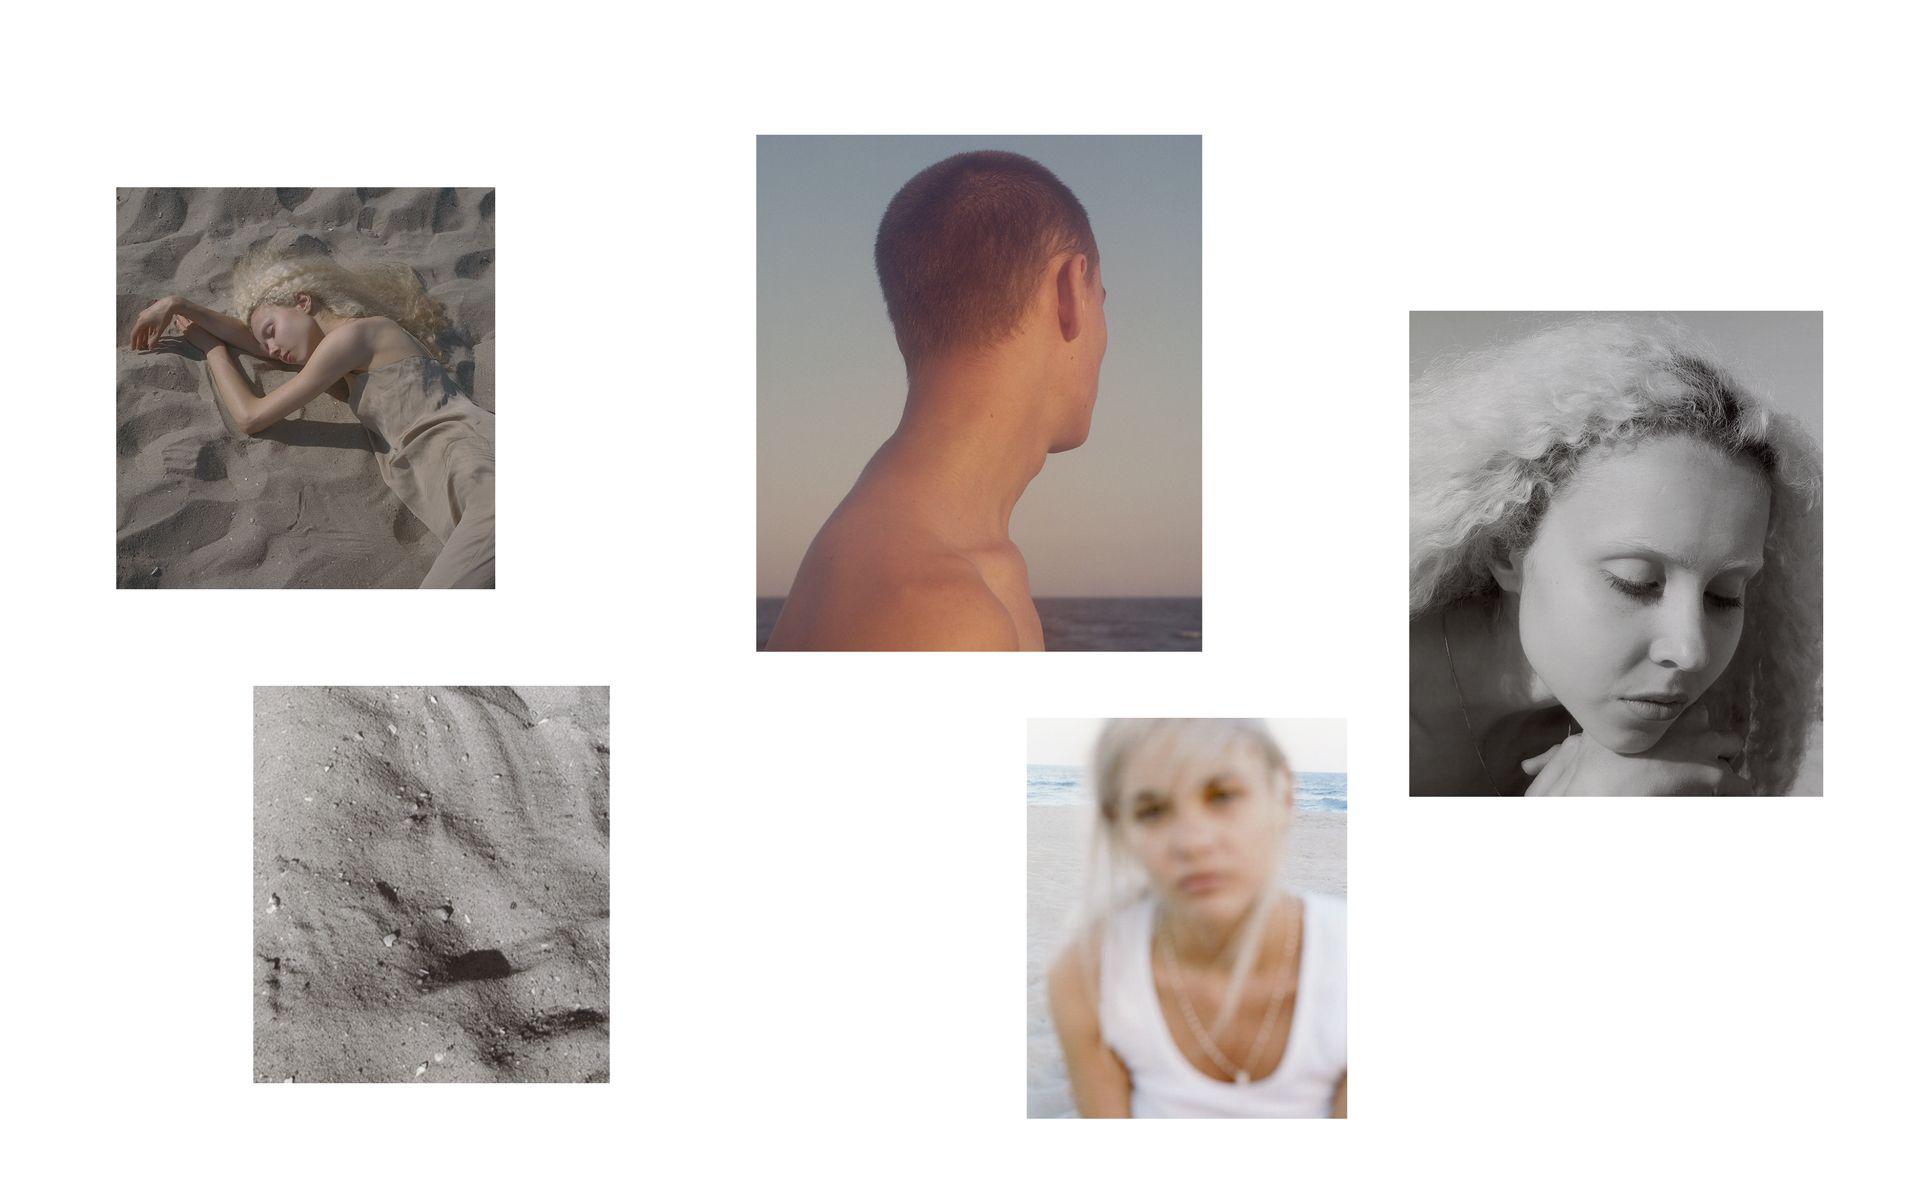 collage d'images du shoot ressemblant à des polaroids par Oumayma B. Tanfous pour DAZED